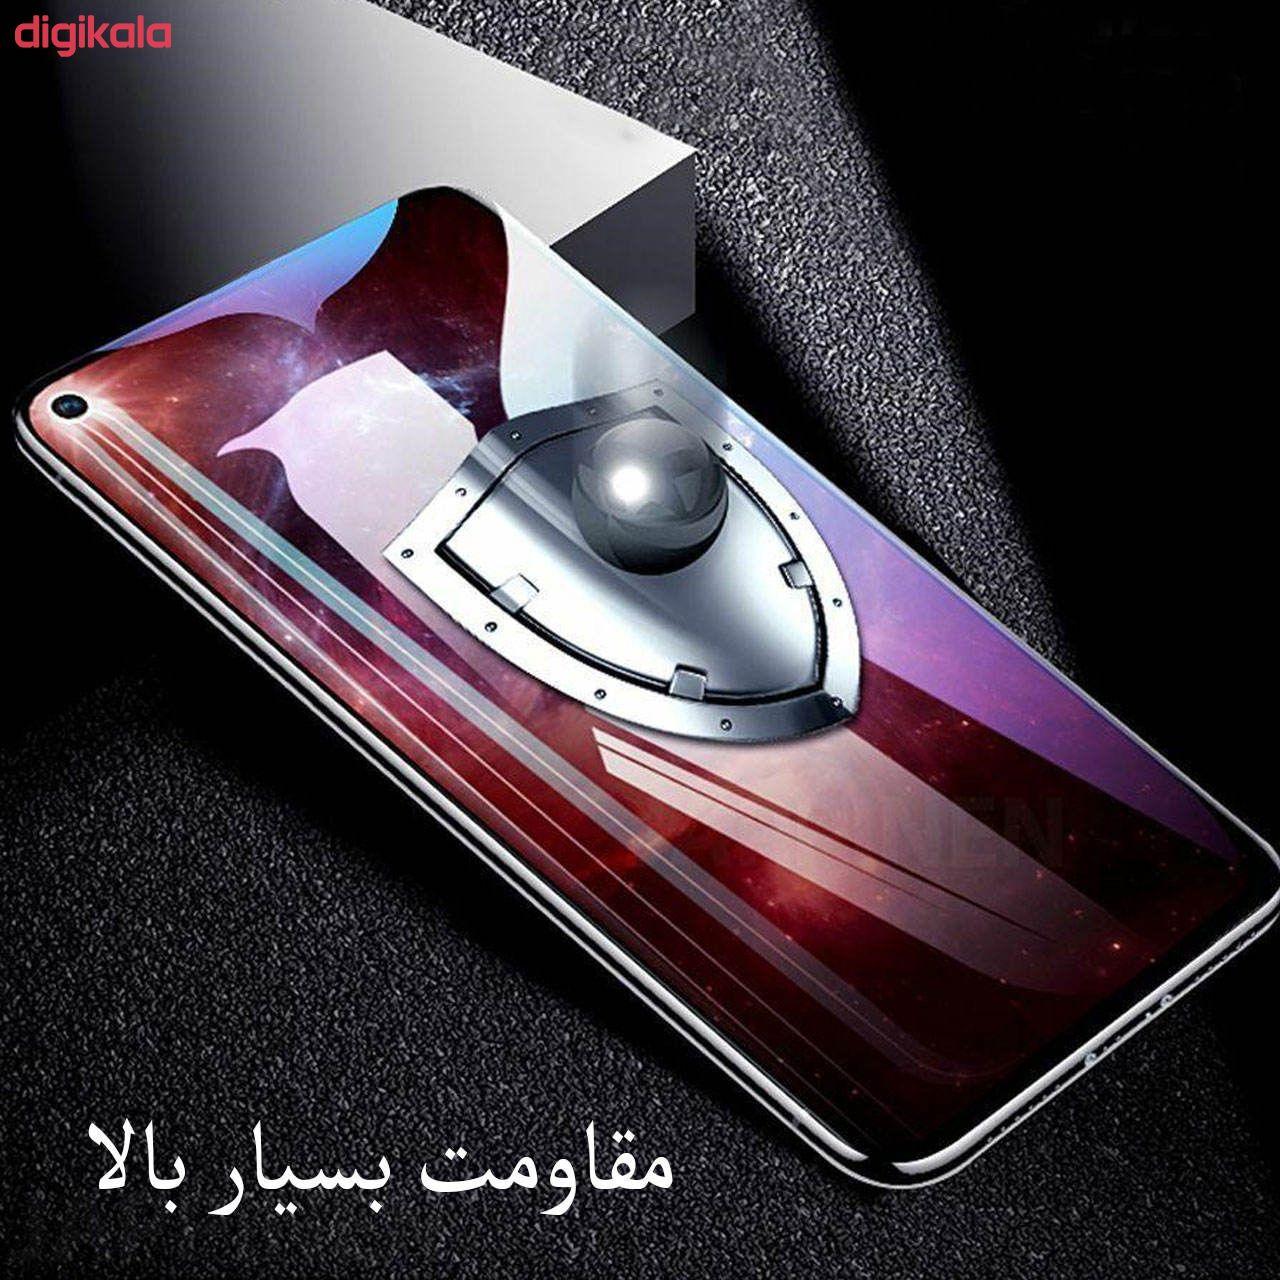 محافظ صفحه نمایش برنارد مدل SDB-01 مناسب برای گوشی موبایل سامسونگ Galaxy J2 2015 main 1 9